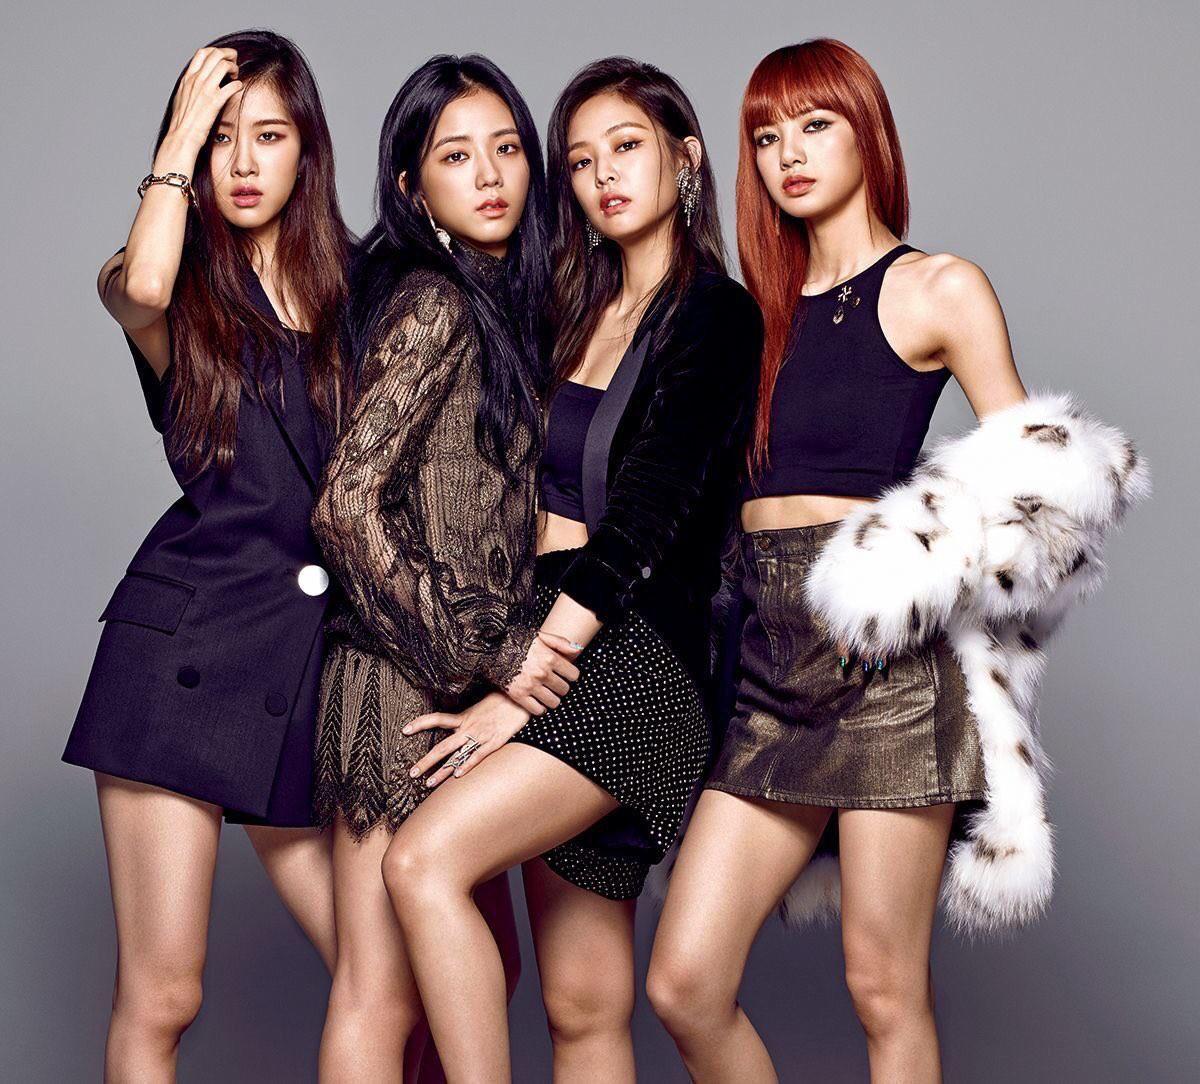 Đường đua Kpop tháng 5: BTS được hóng nhất, nhóm mới, nhóm cũ thi nhau lên sàn - Ảnh 9.